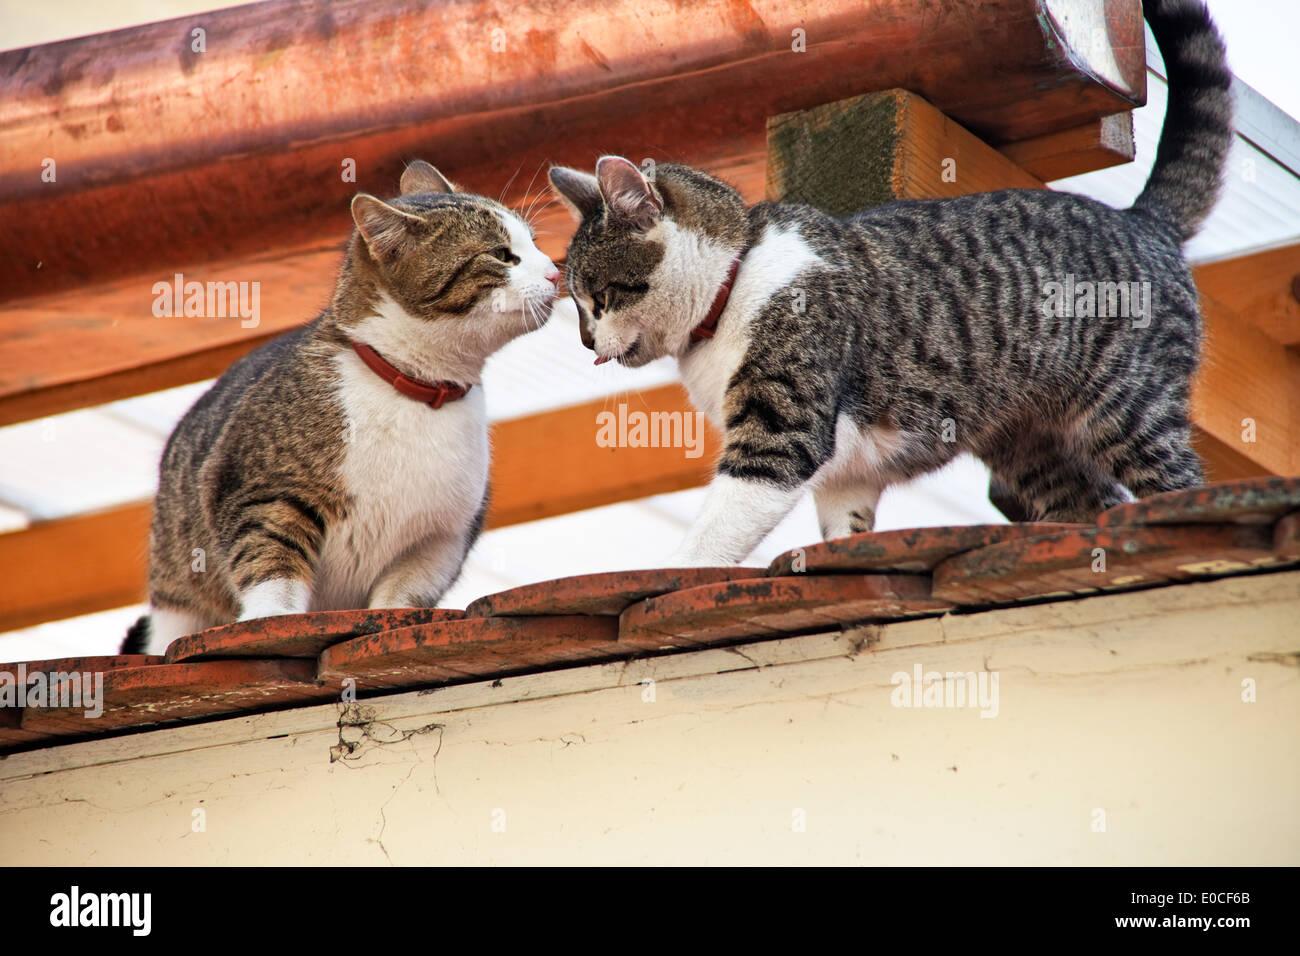 zwei katzen spielen auf dem dach eines hauses zwei katzen spielen auf dem dach eines malgrat. Black Bedroom Furniture Sets. Home Design Ideas